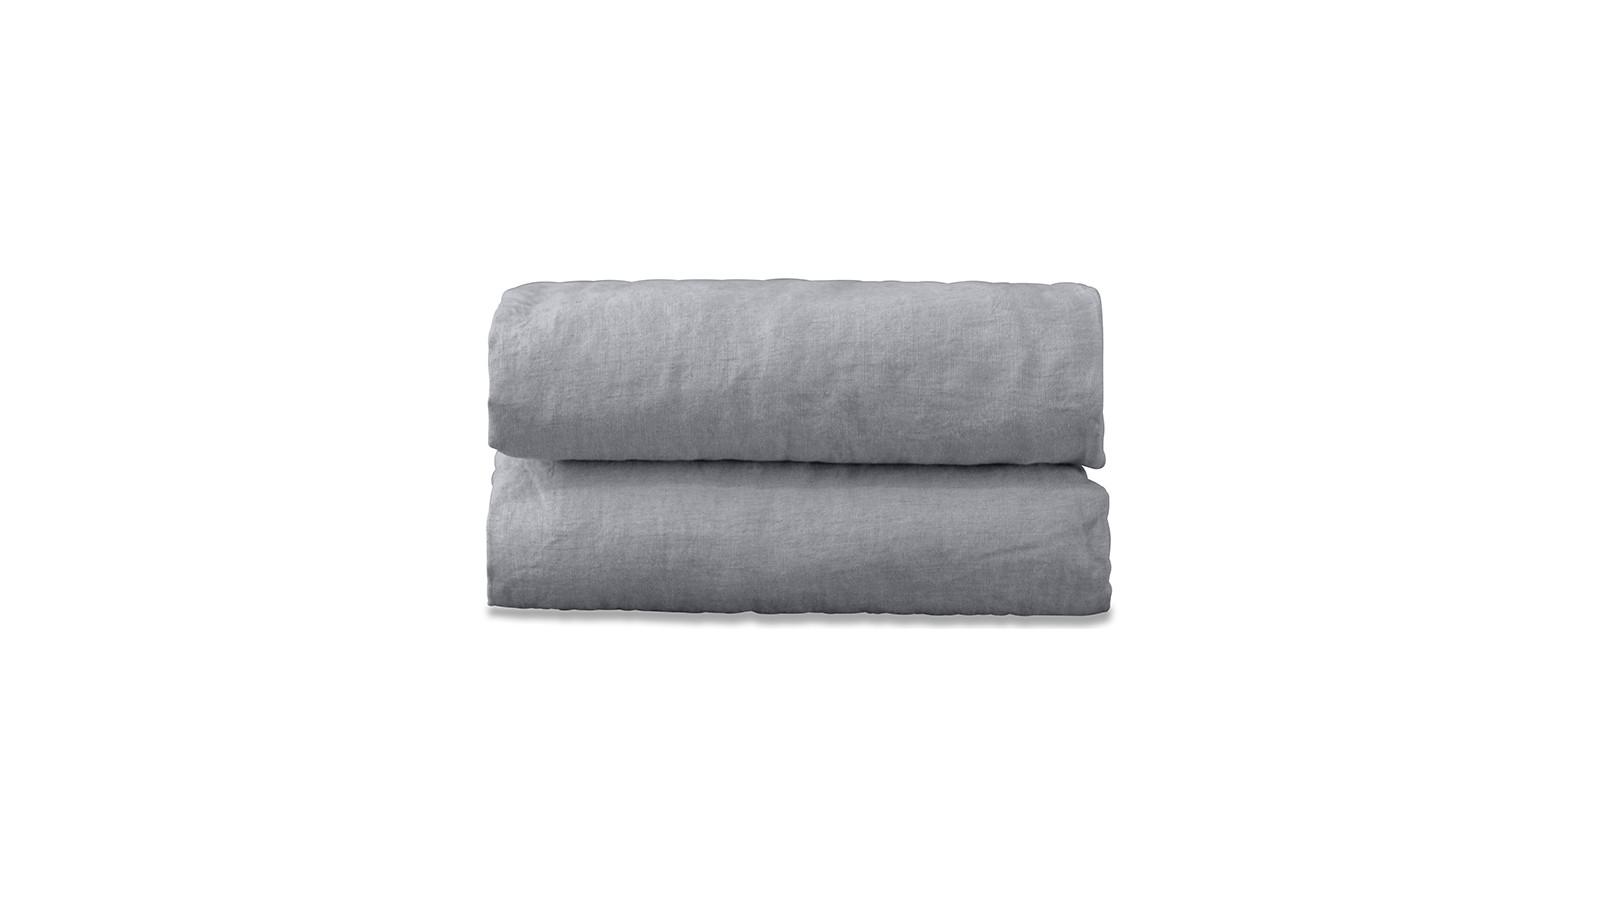 Nappe rectangulaire en lin lavé uni Gris Ciment